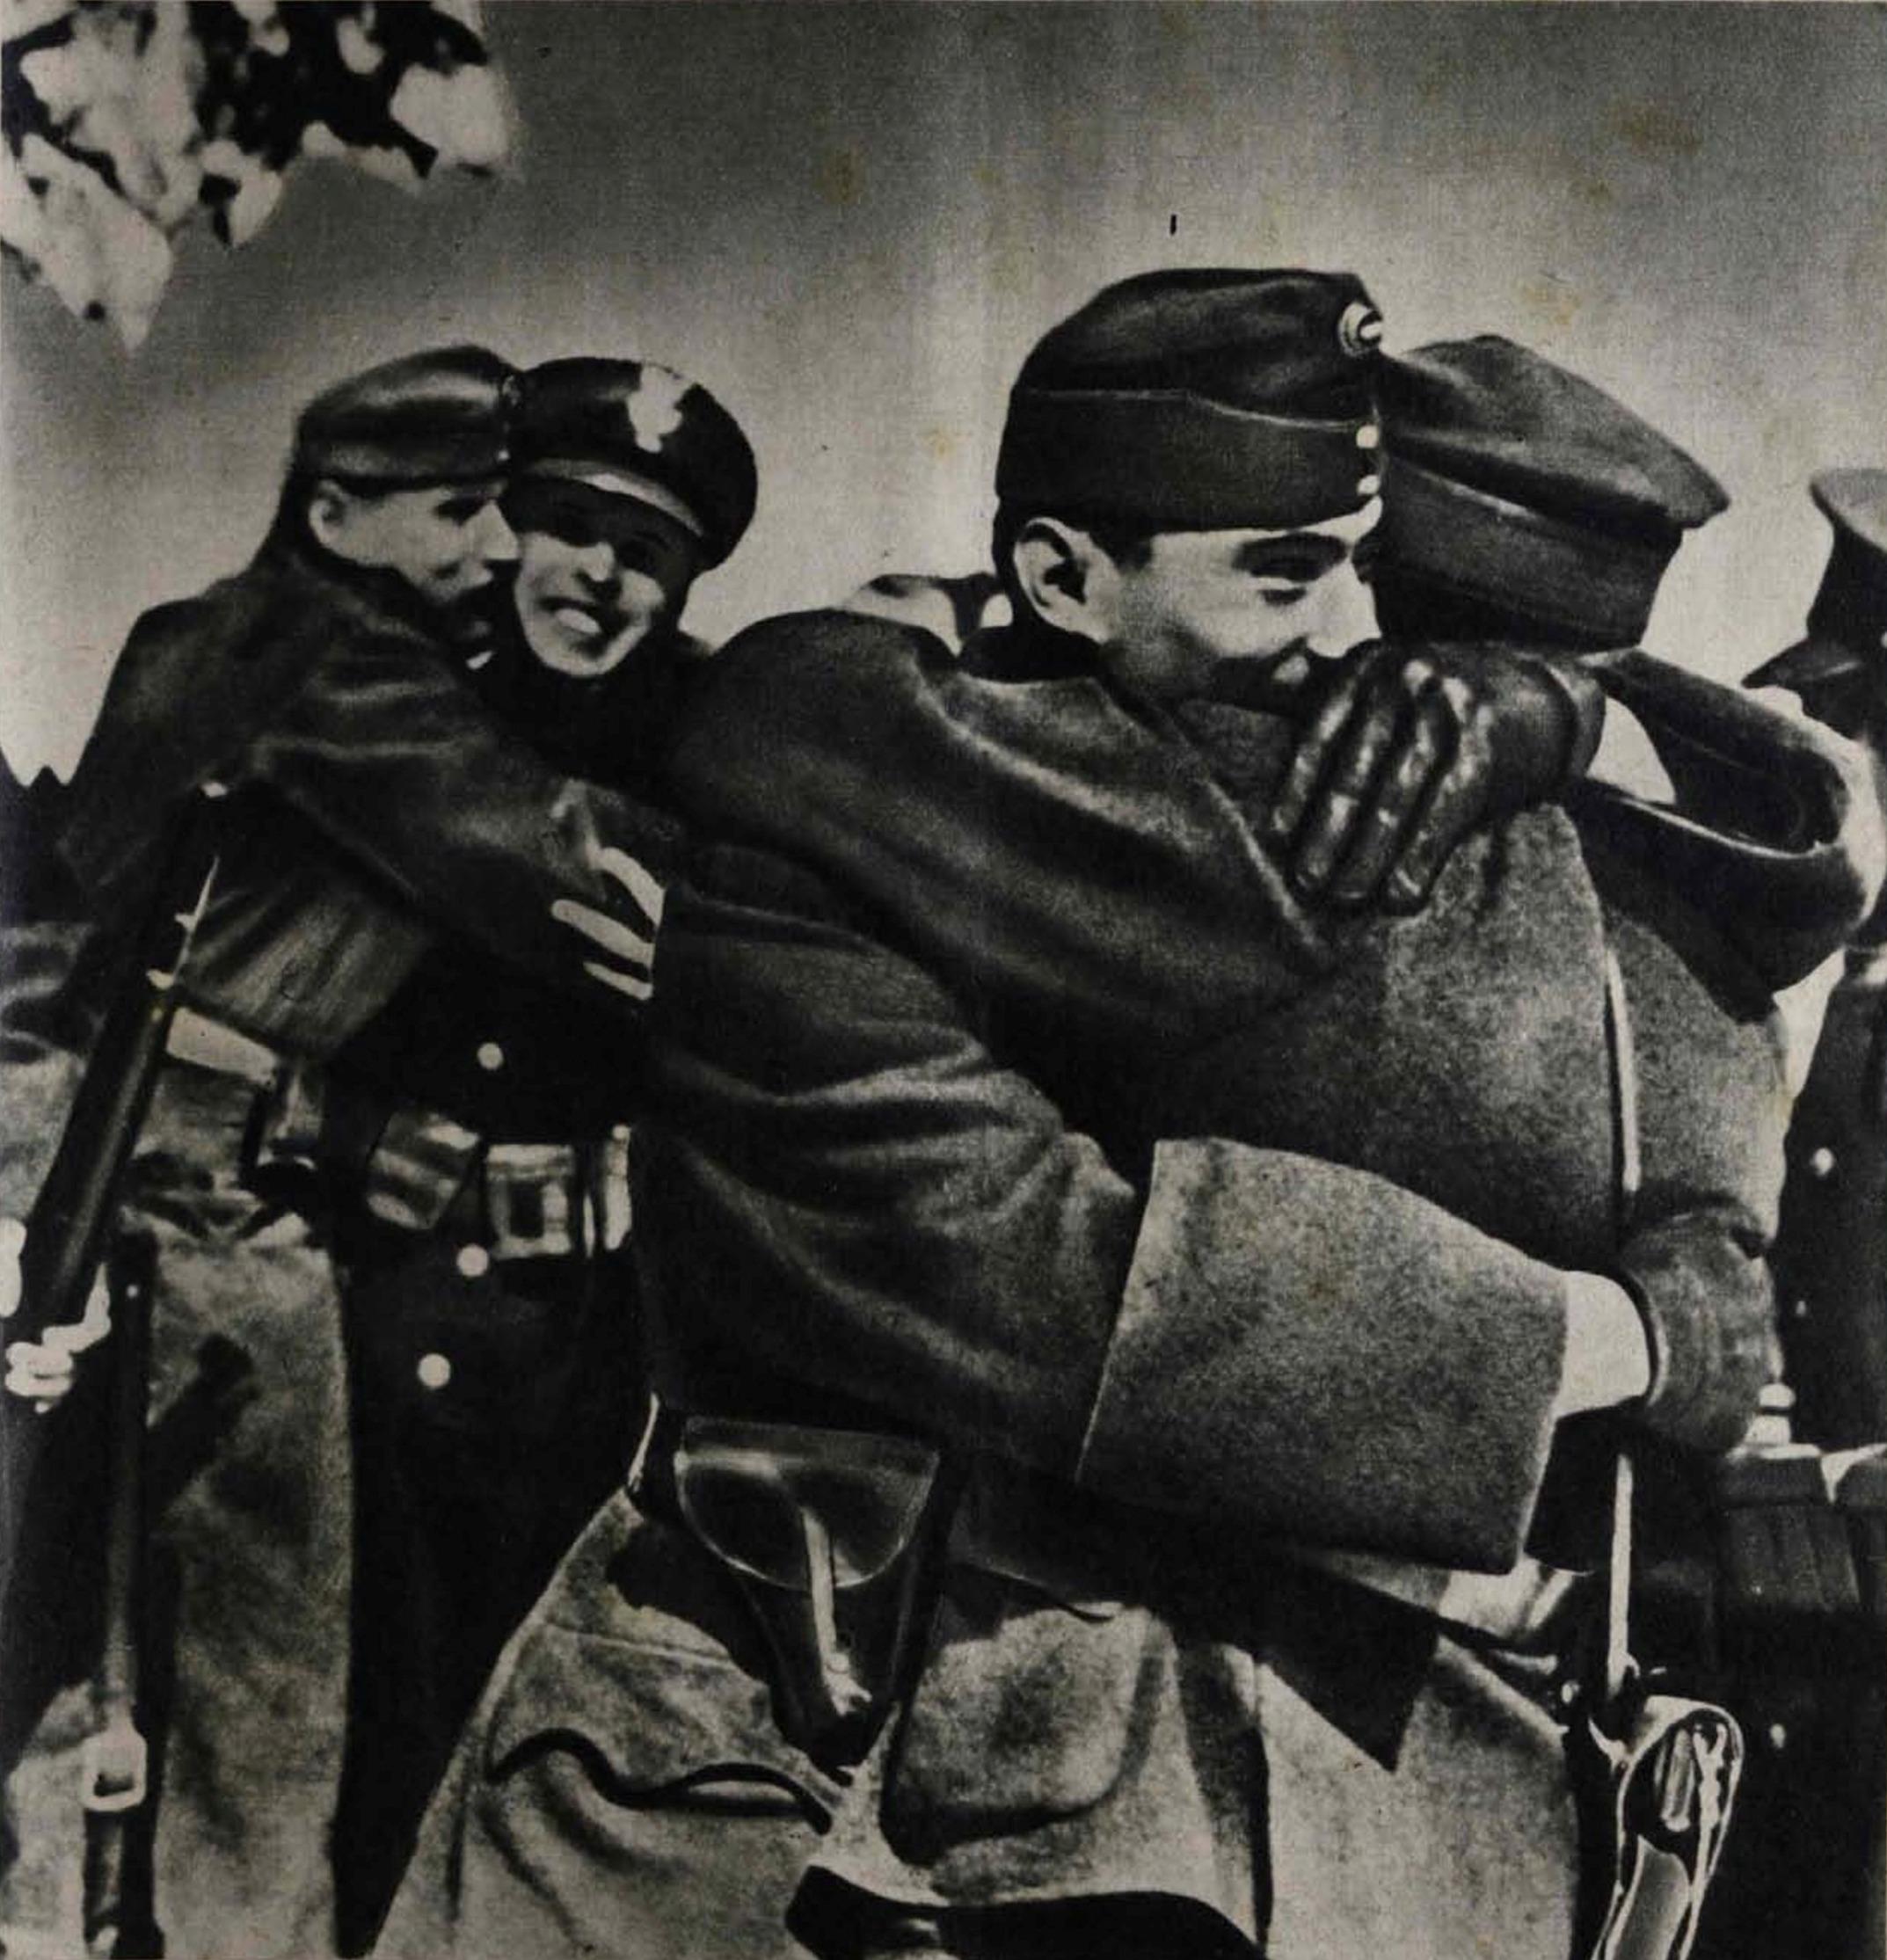 11 Польські та угорські солдати вітають один одного з перемогою – окупацією Карпатської України